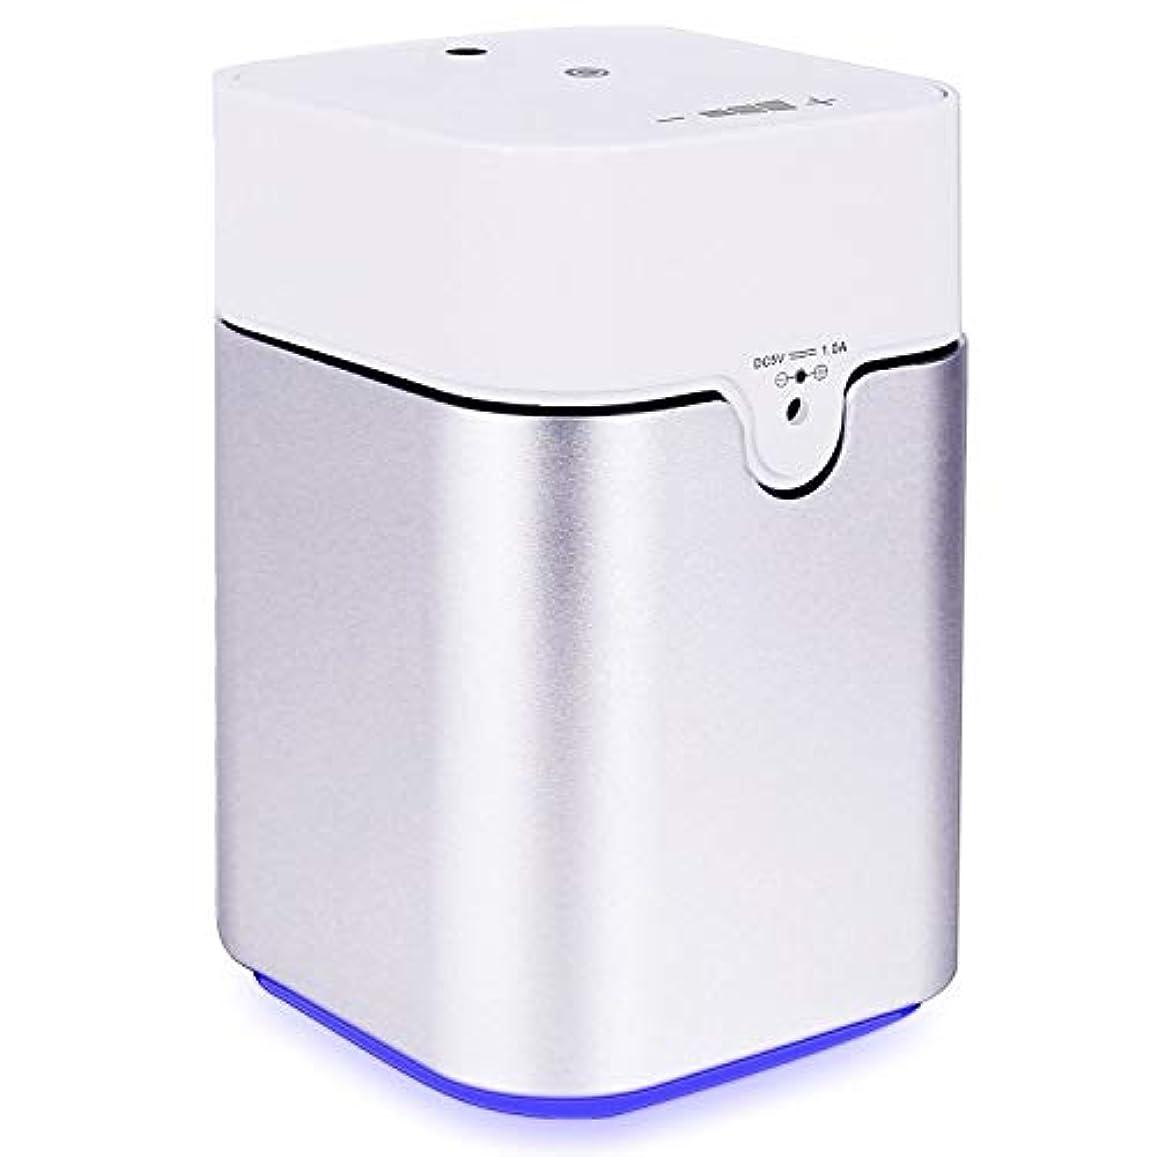 凶暴なウェイトレス枯渇するENERG e's Pure アロマディフューザー ヨガ室 整体院人気 タイマー機能 ネブライザー式 量調整可能 精油瓶3個付き T11-ENS082